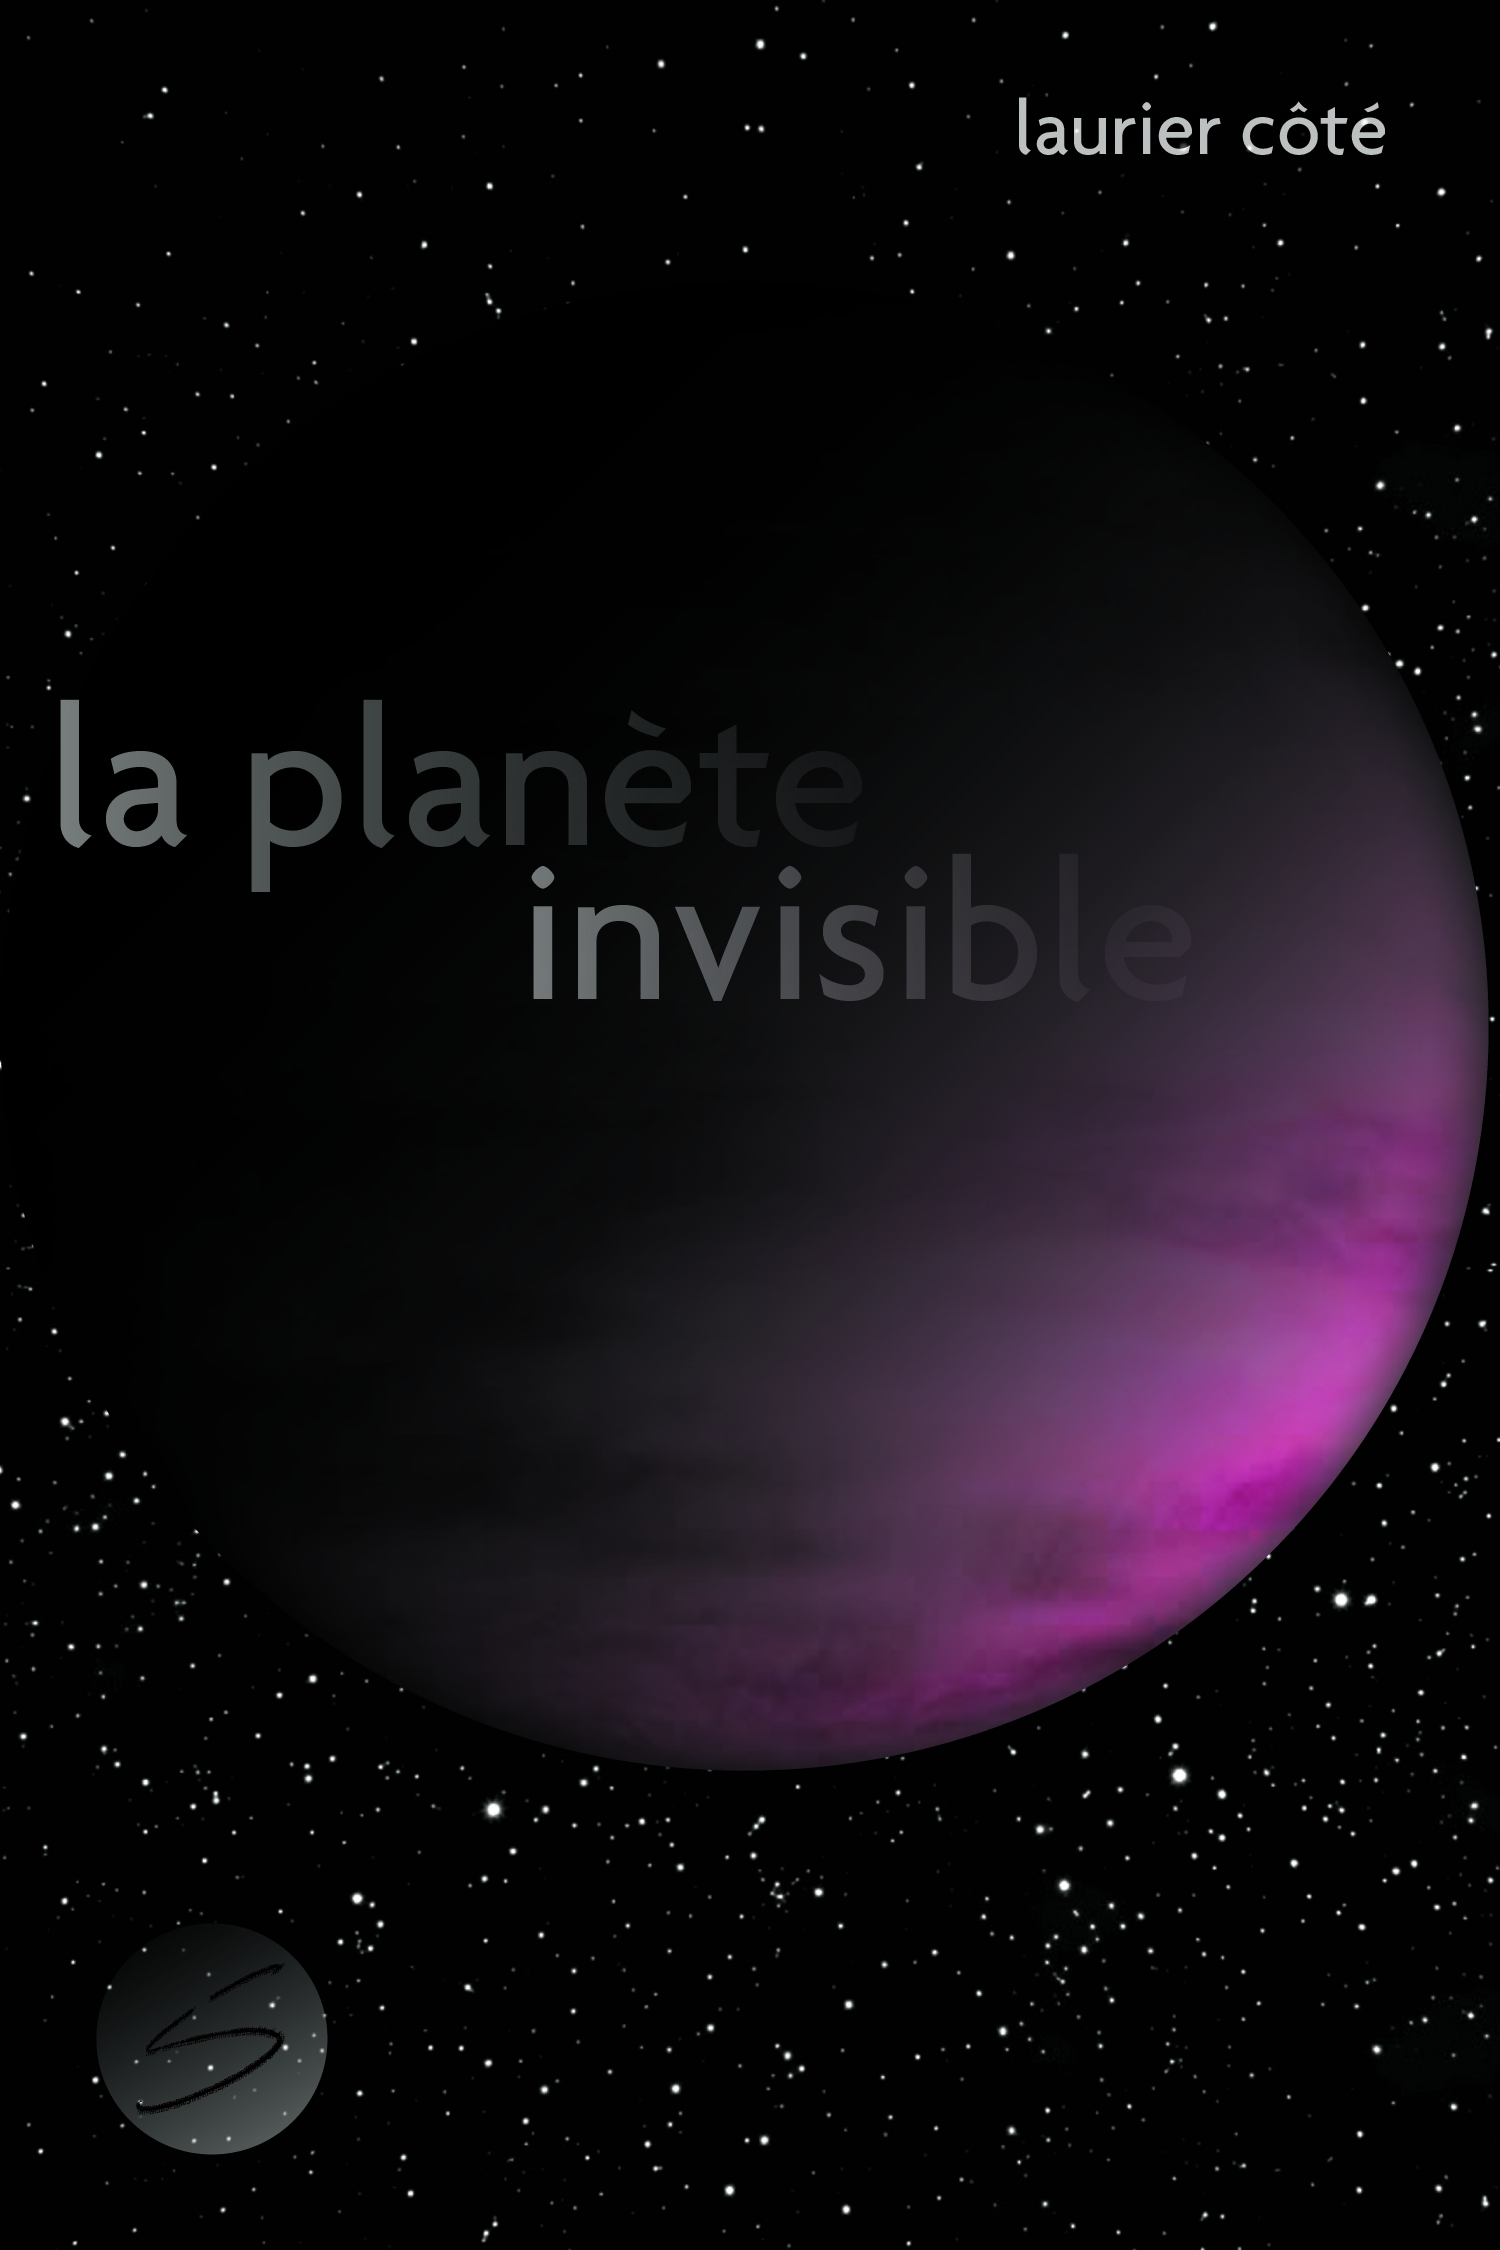 La planète invisible